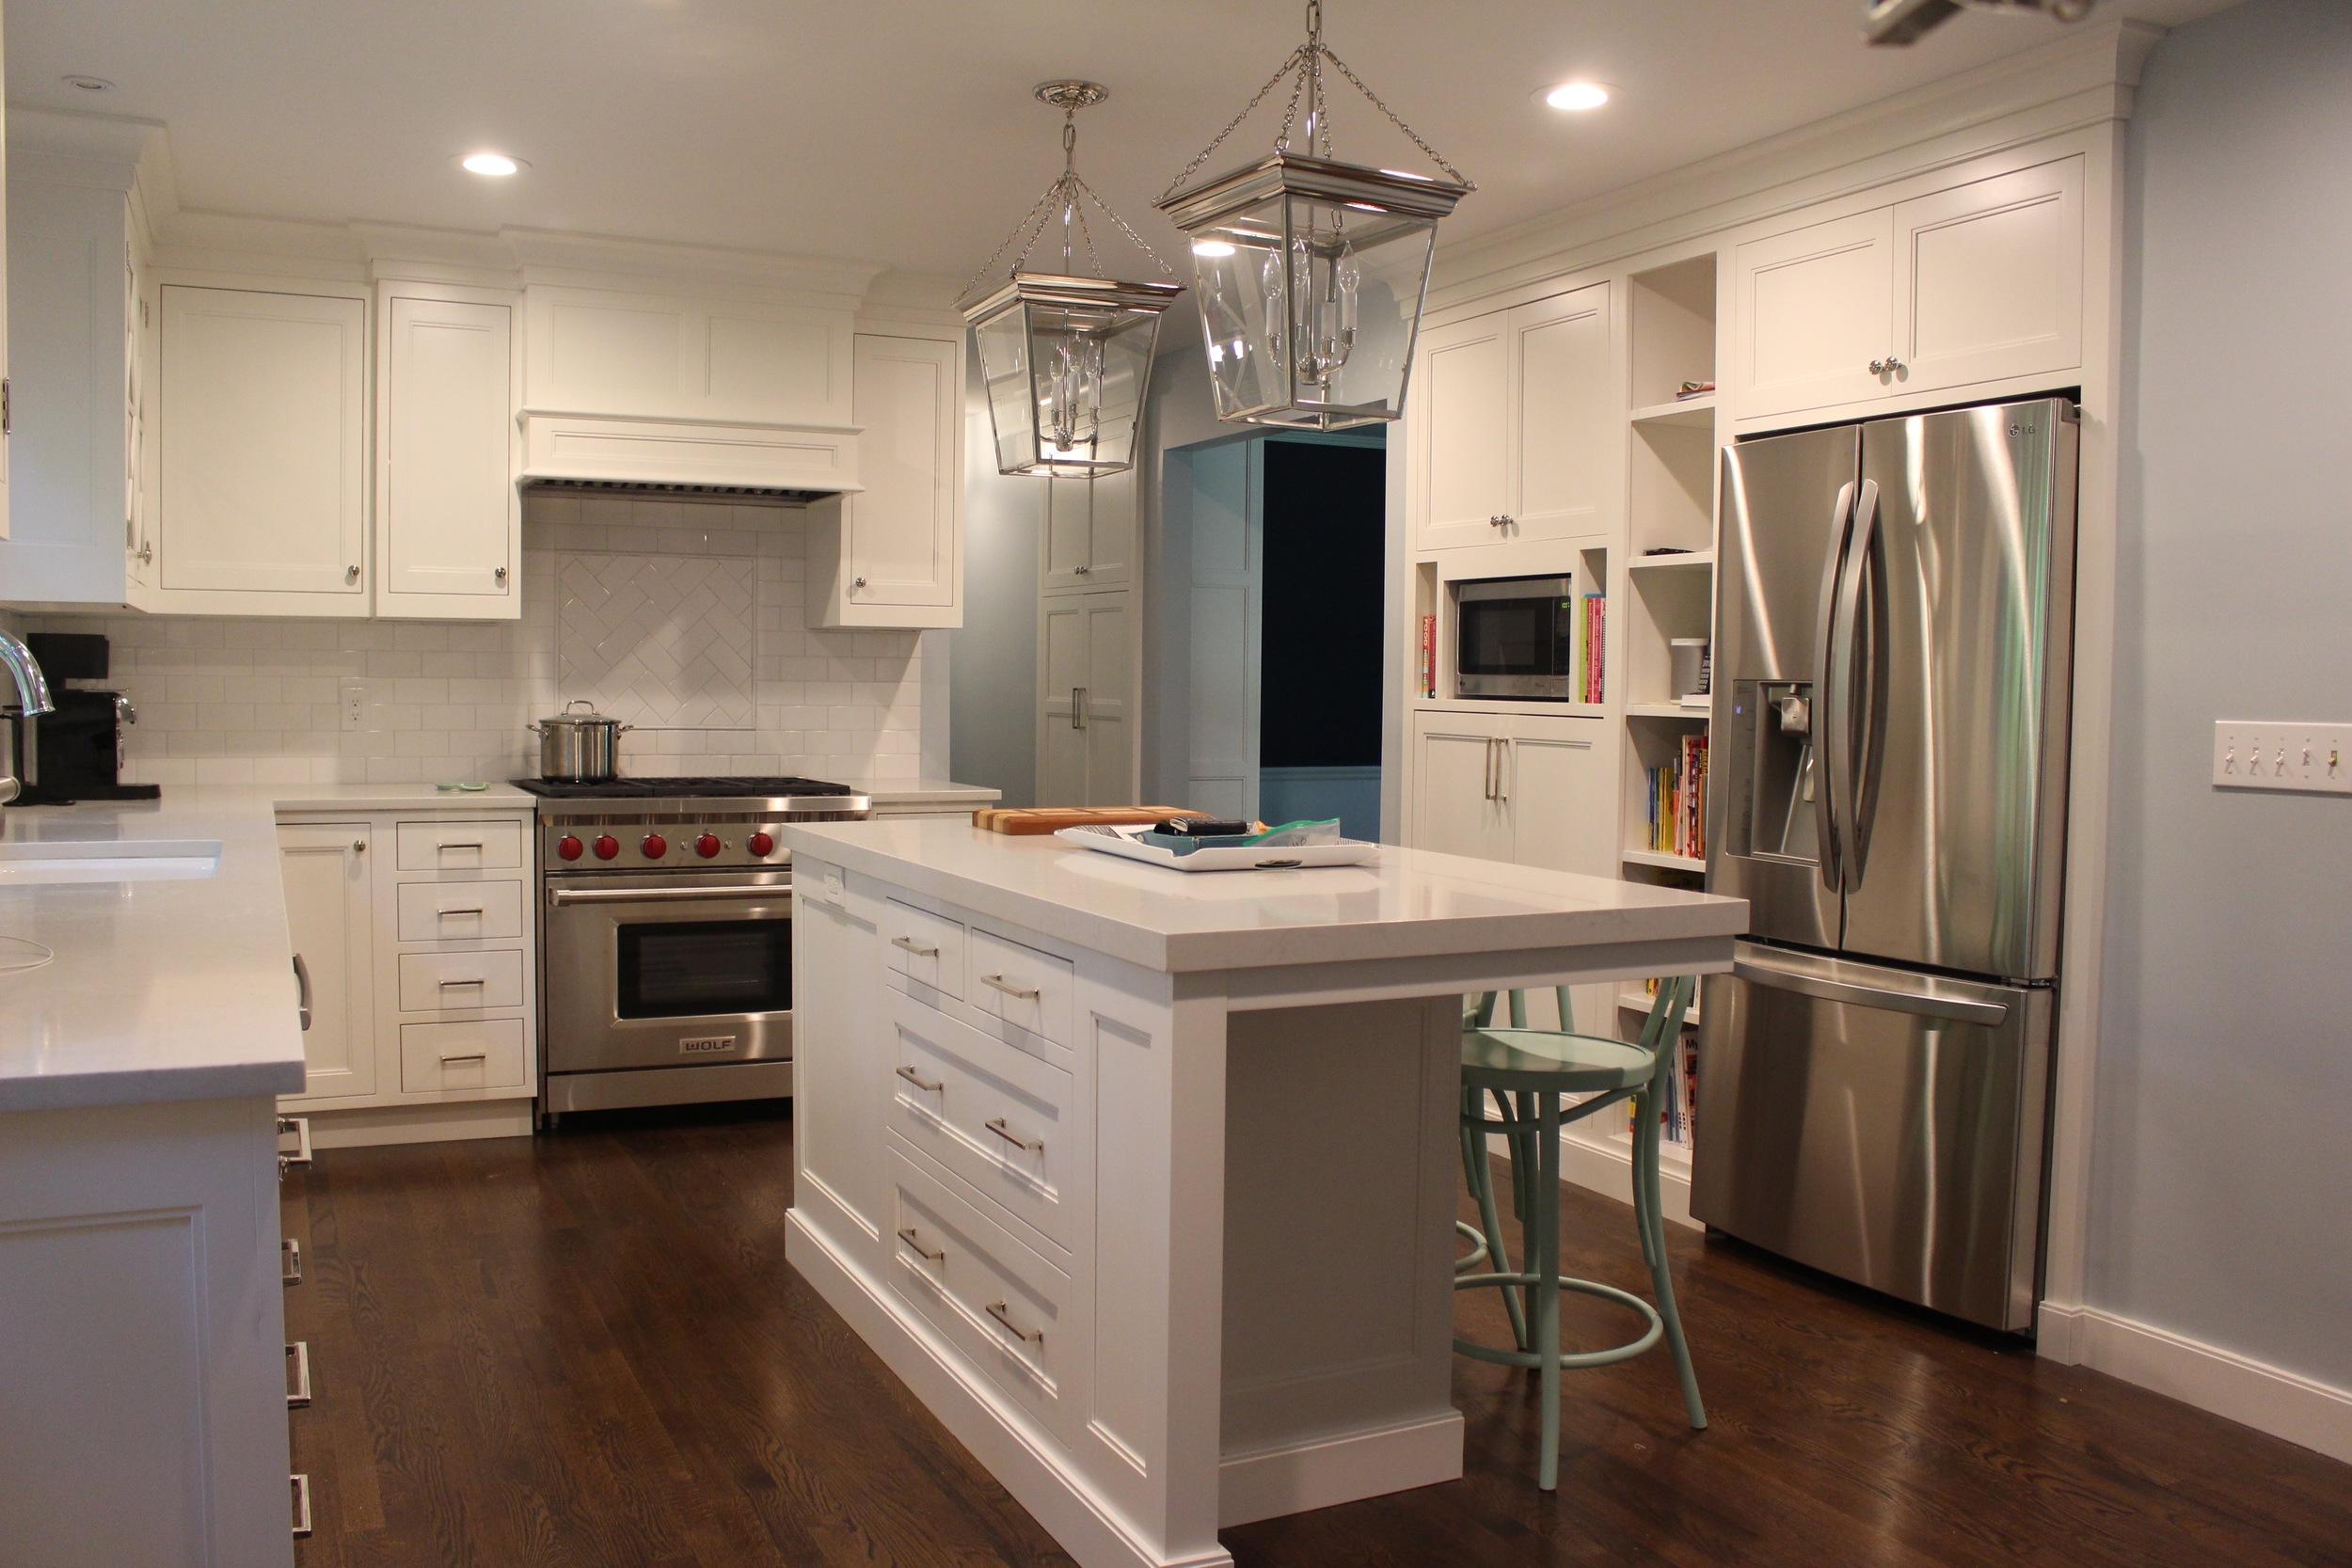 new kitchen Best.jpg